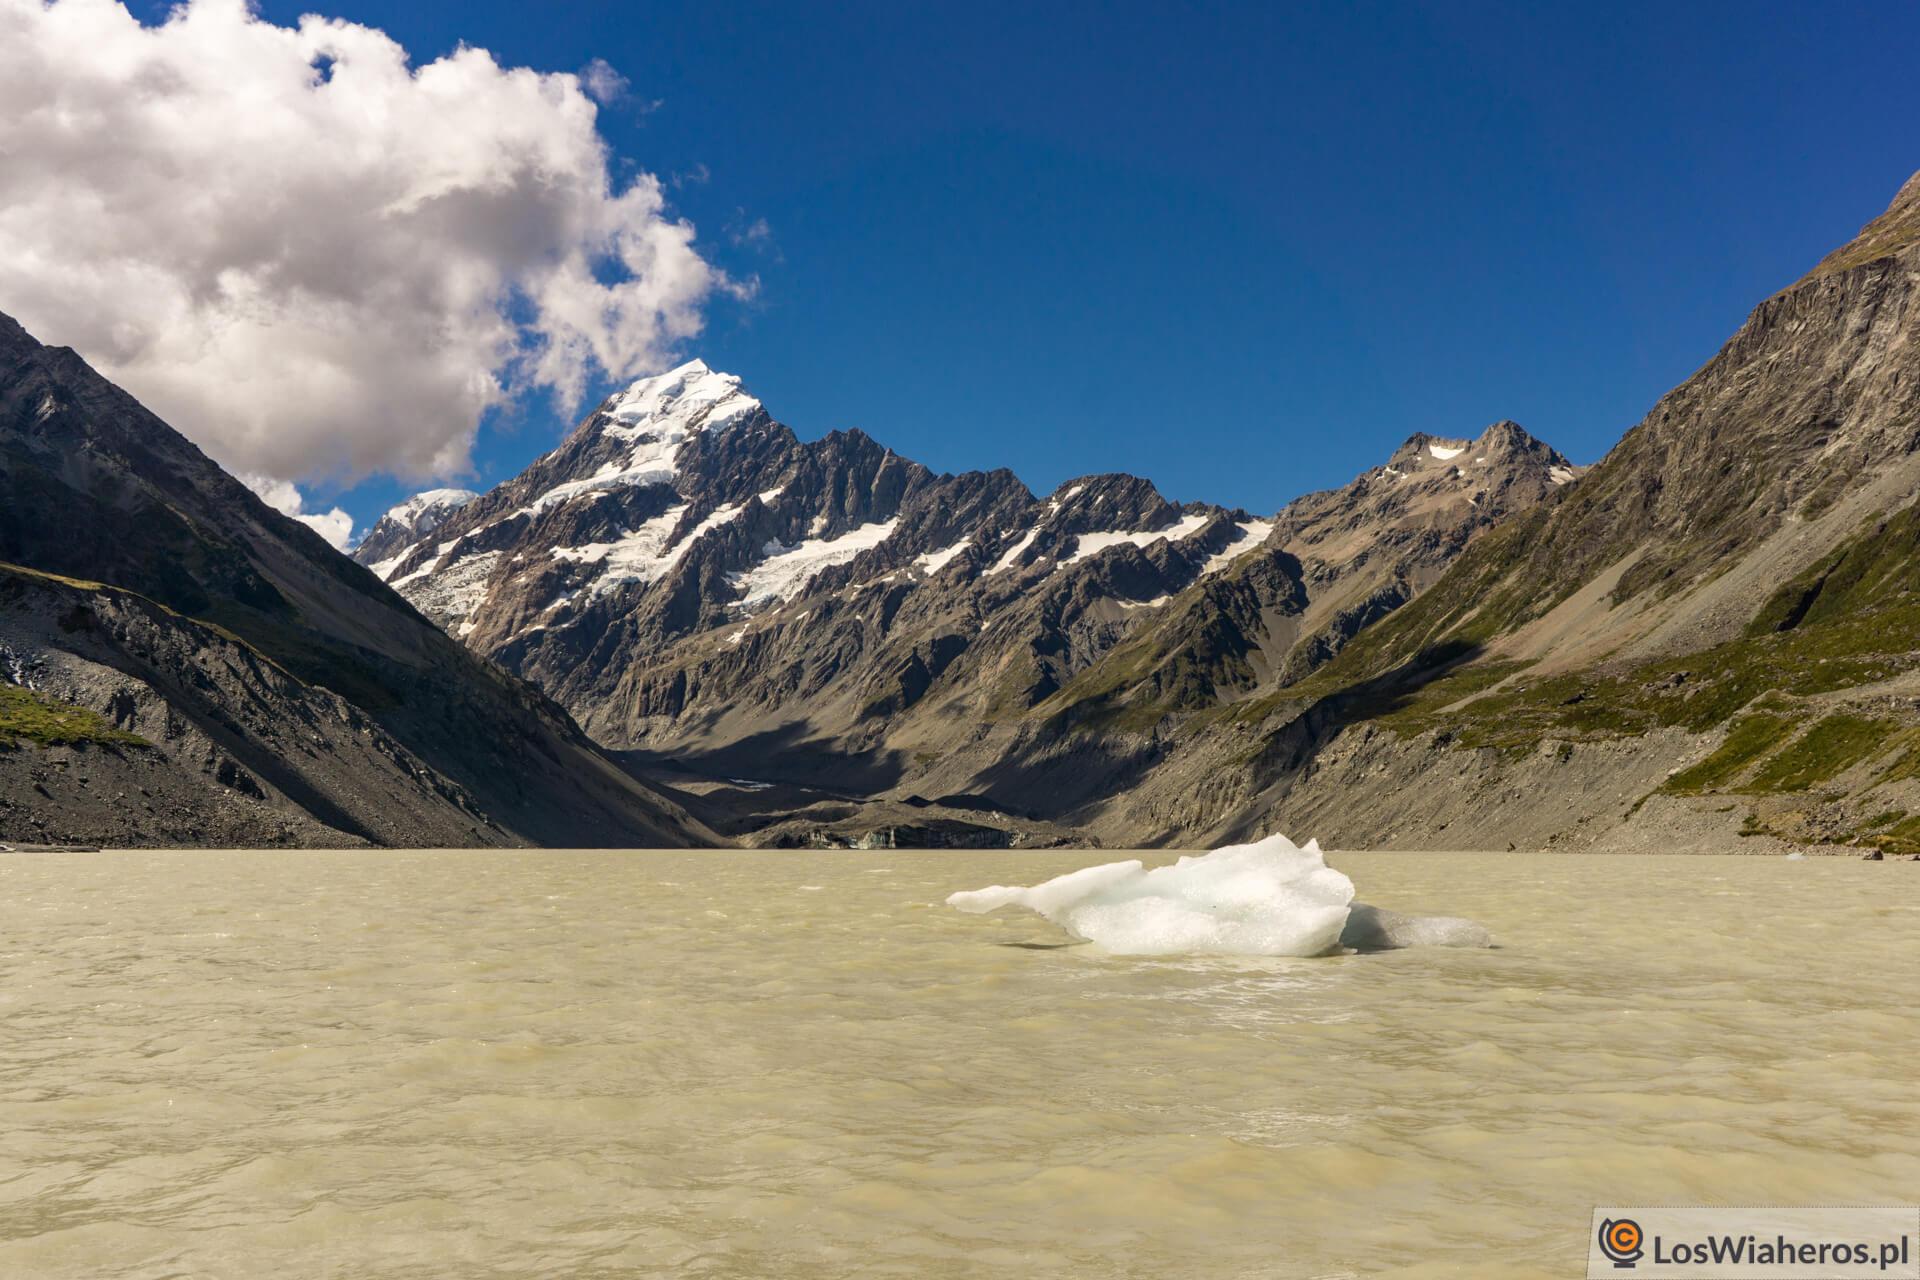 Jezioro lodowcowe Hooker Lake ioderwane fragmenty lodowca...